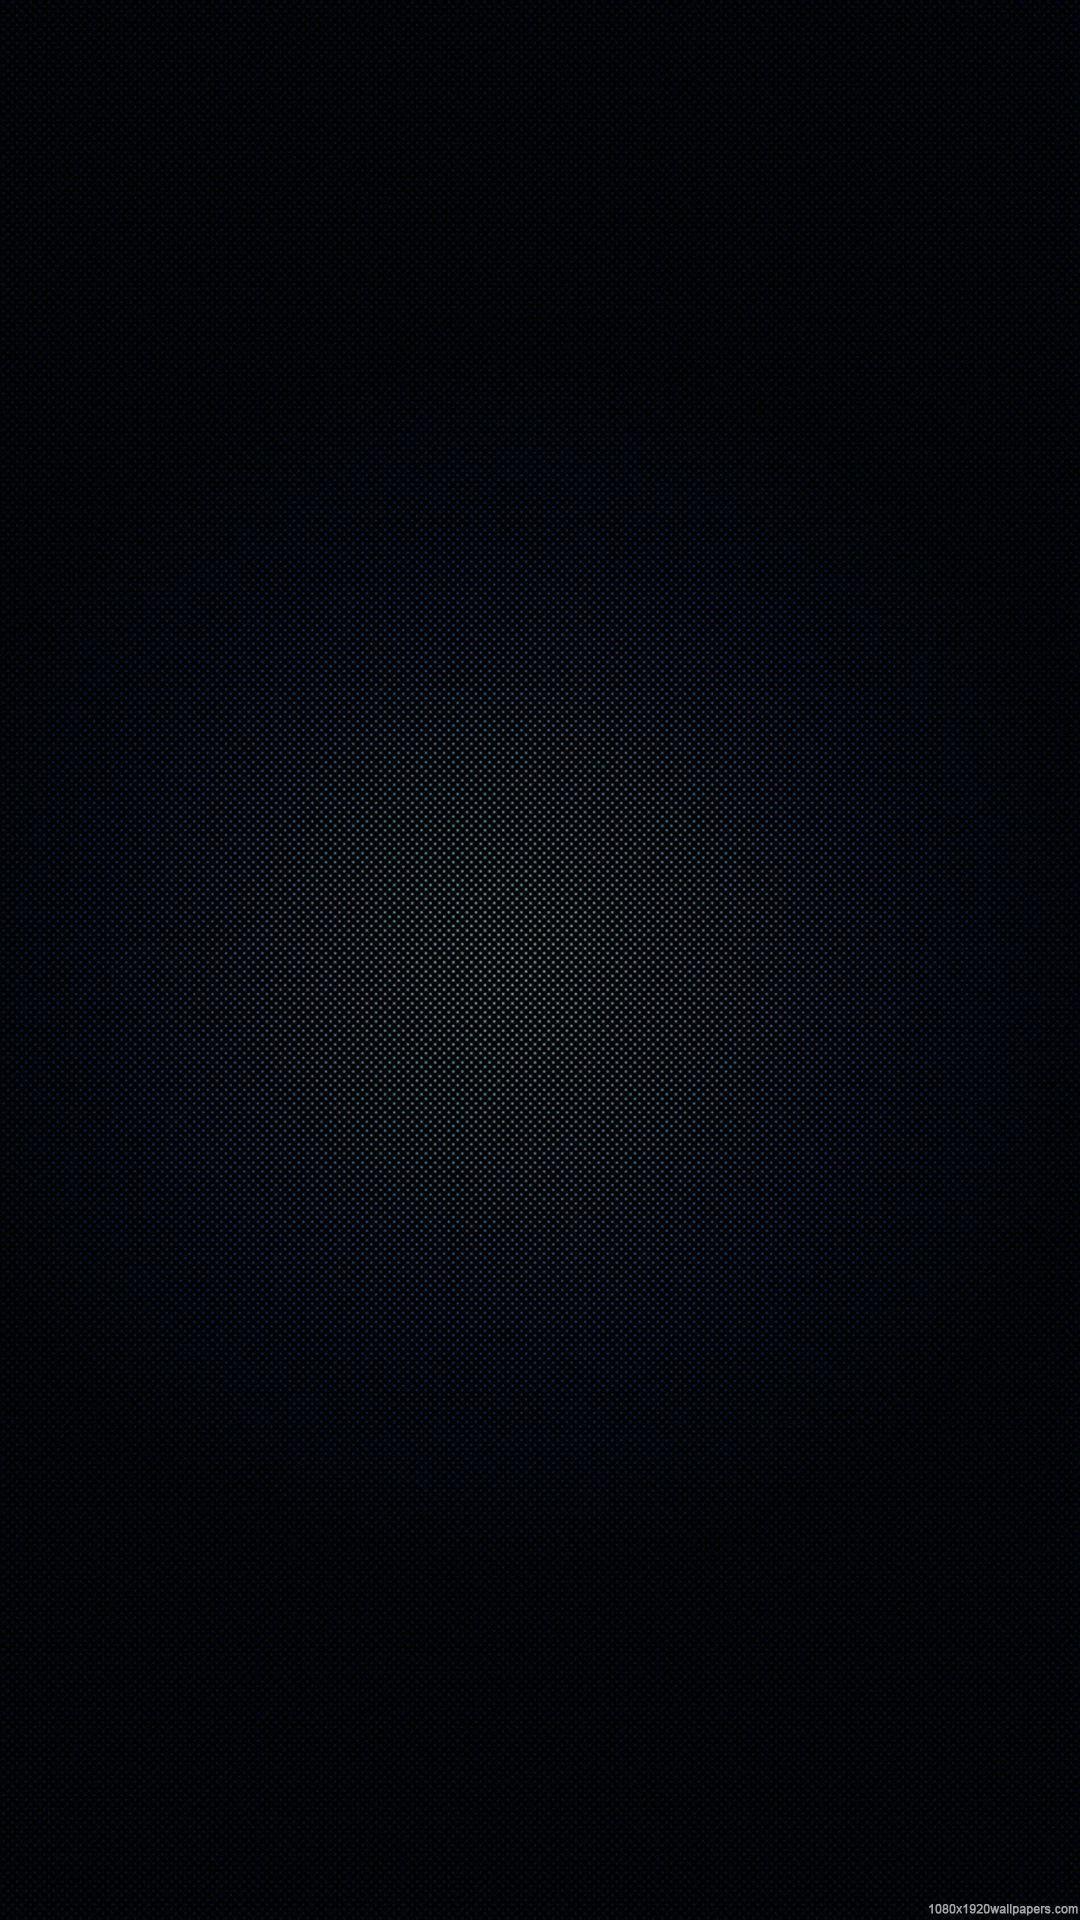 Dark Texture Iphone Wallpapers Top Free Dark Texture Iphone Backgrounds Wallpaperaccess